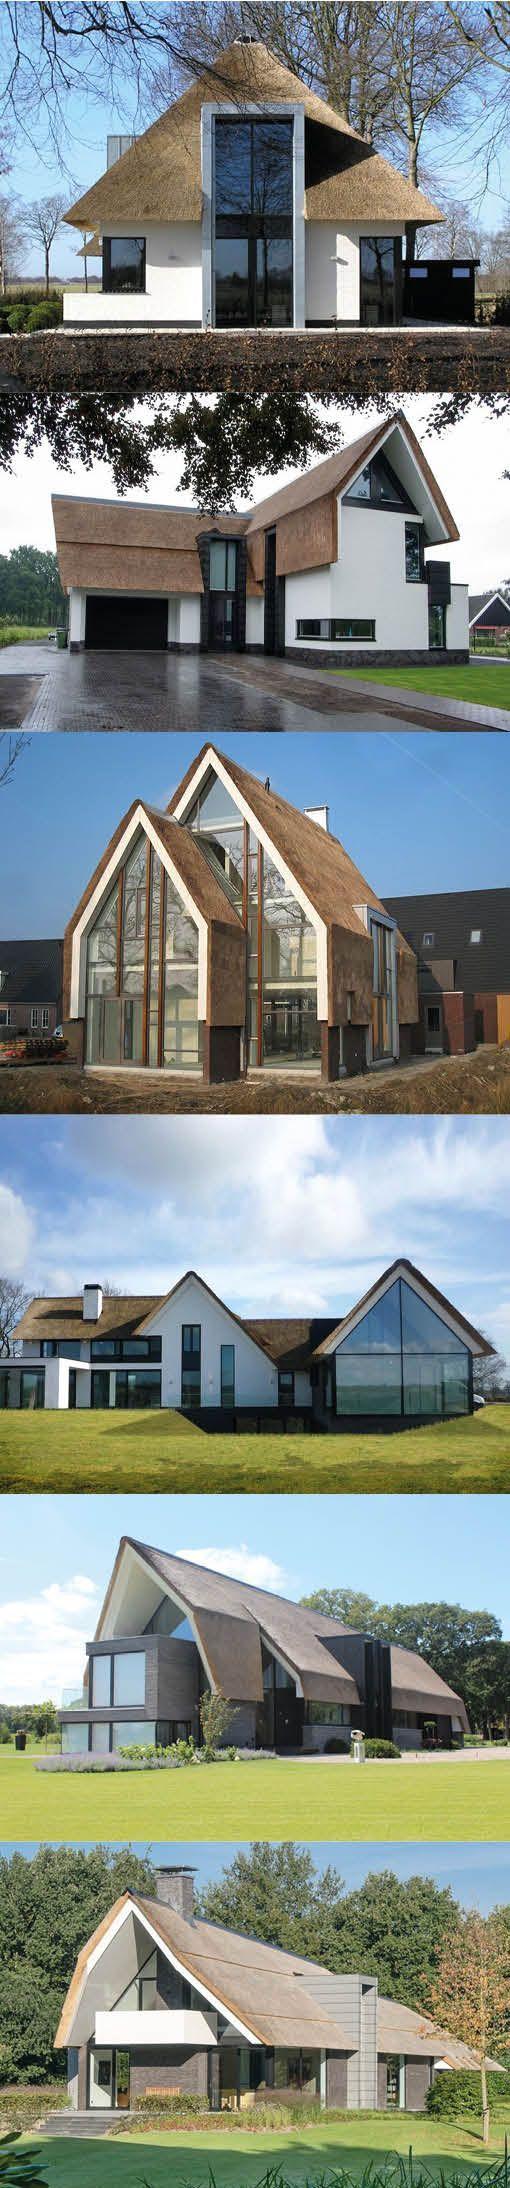 Einfamilienhaus «S» — Schneider & Schneider | Haus neu | Pinterest